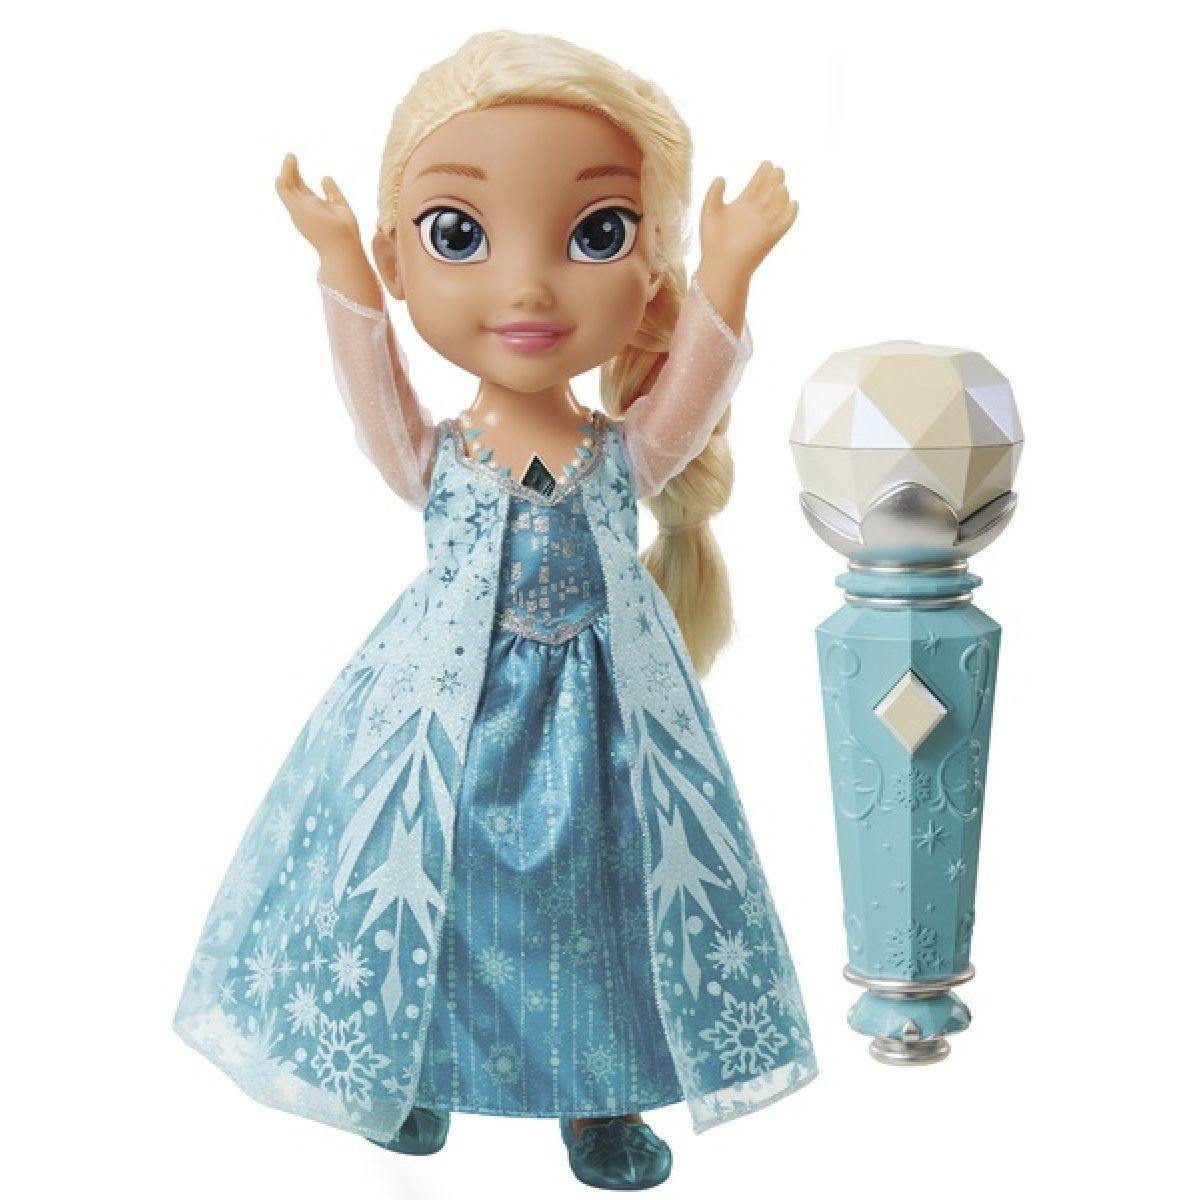 ADC Blackfire Ledové království Zpívající Elsa karaoke - Poškozený obal